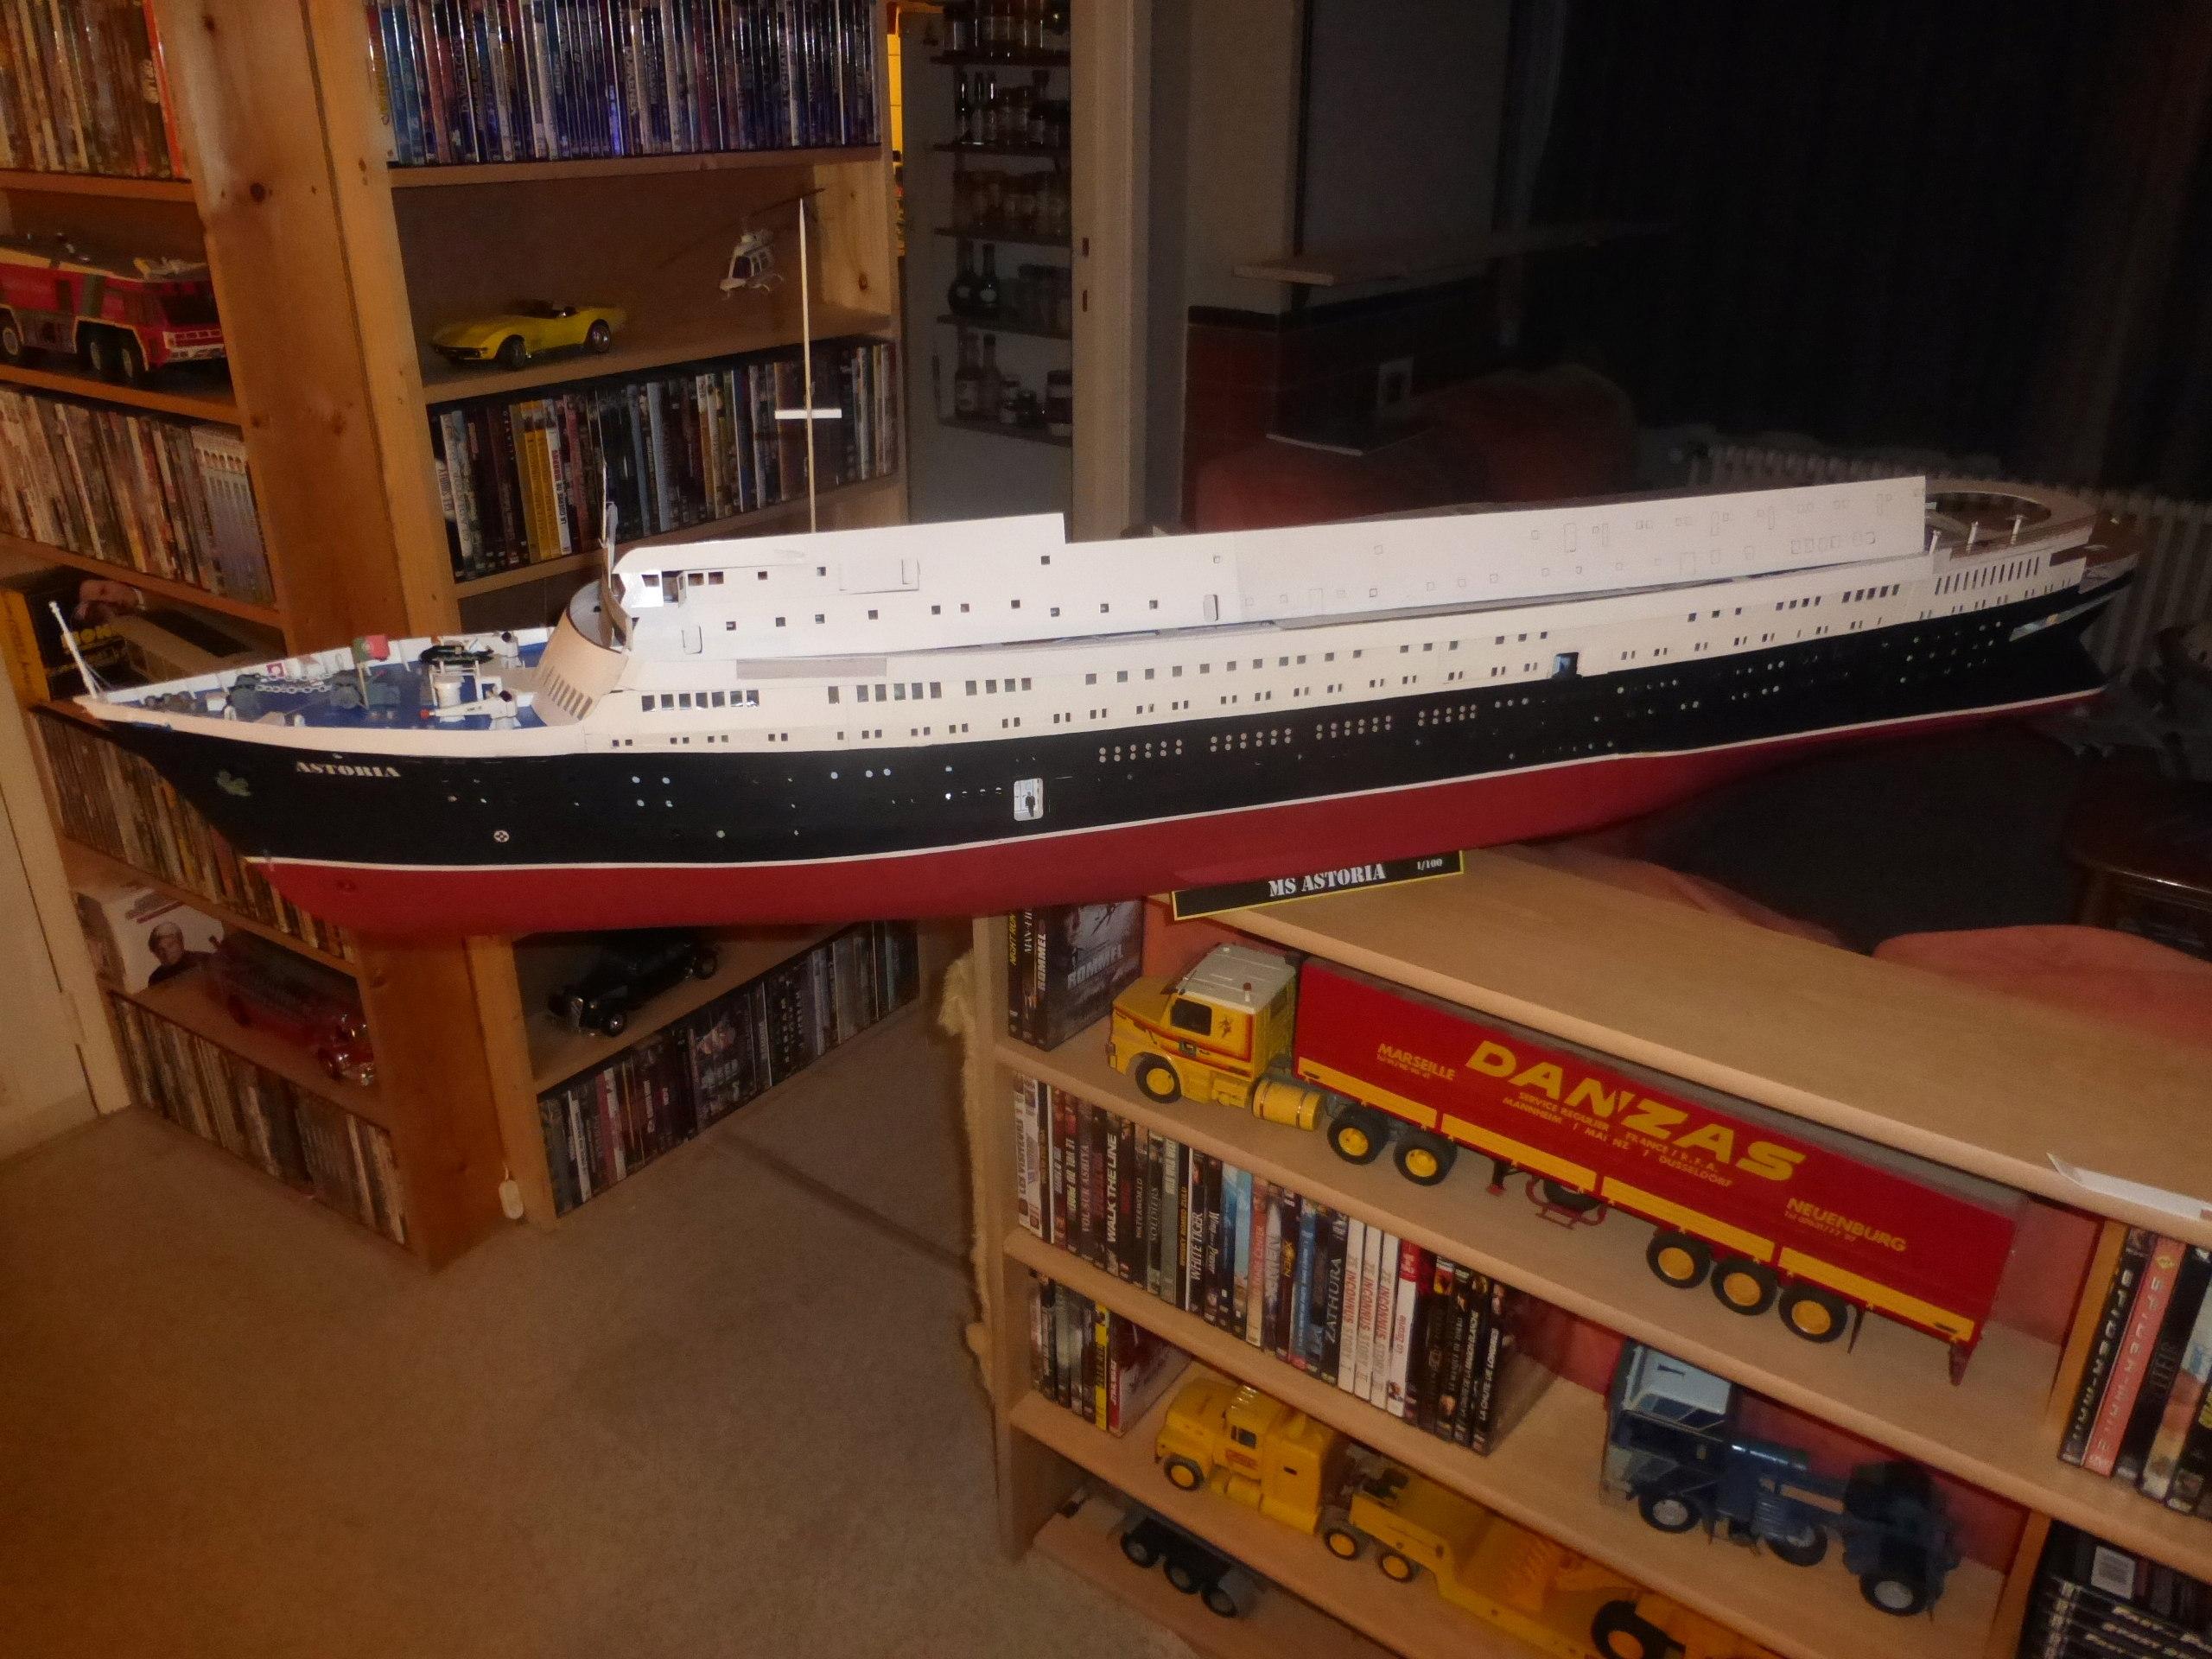 Paquebot MS Astoria au /100 ème modèle en bois et carton  - Page 2 P1020828